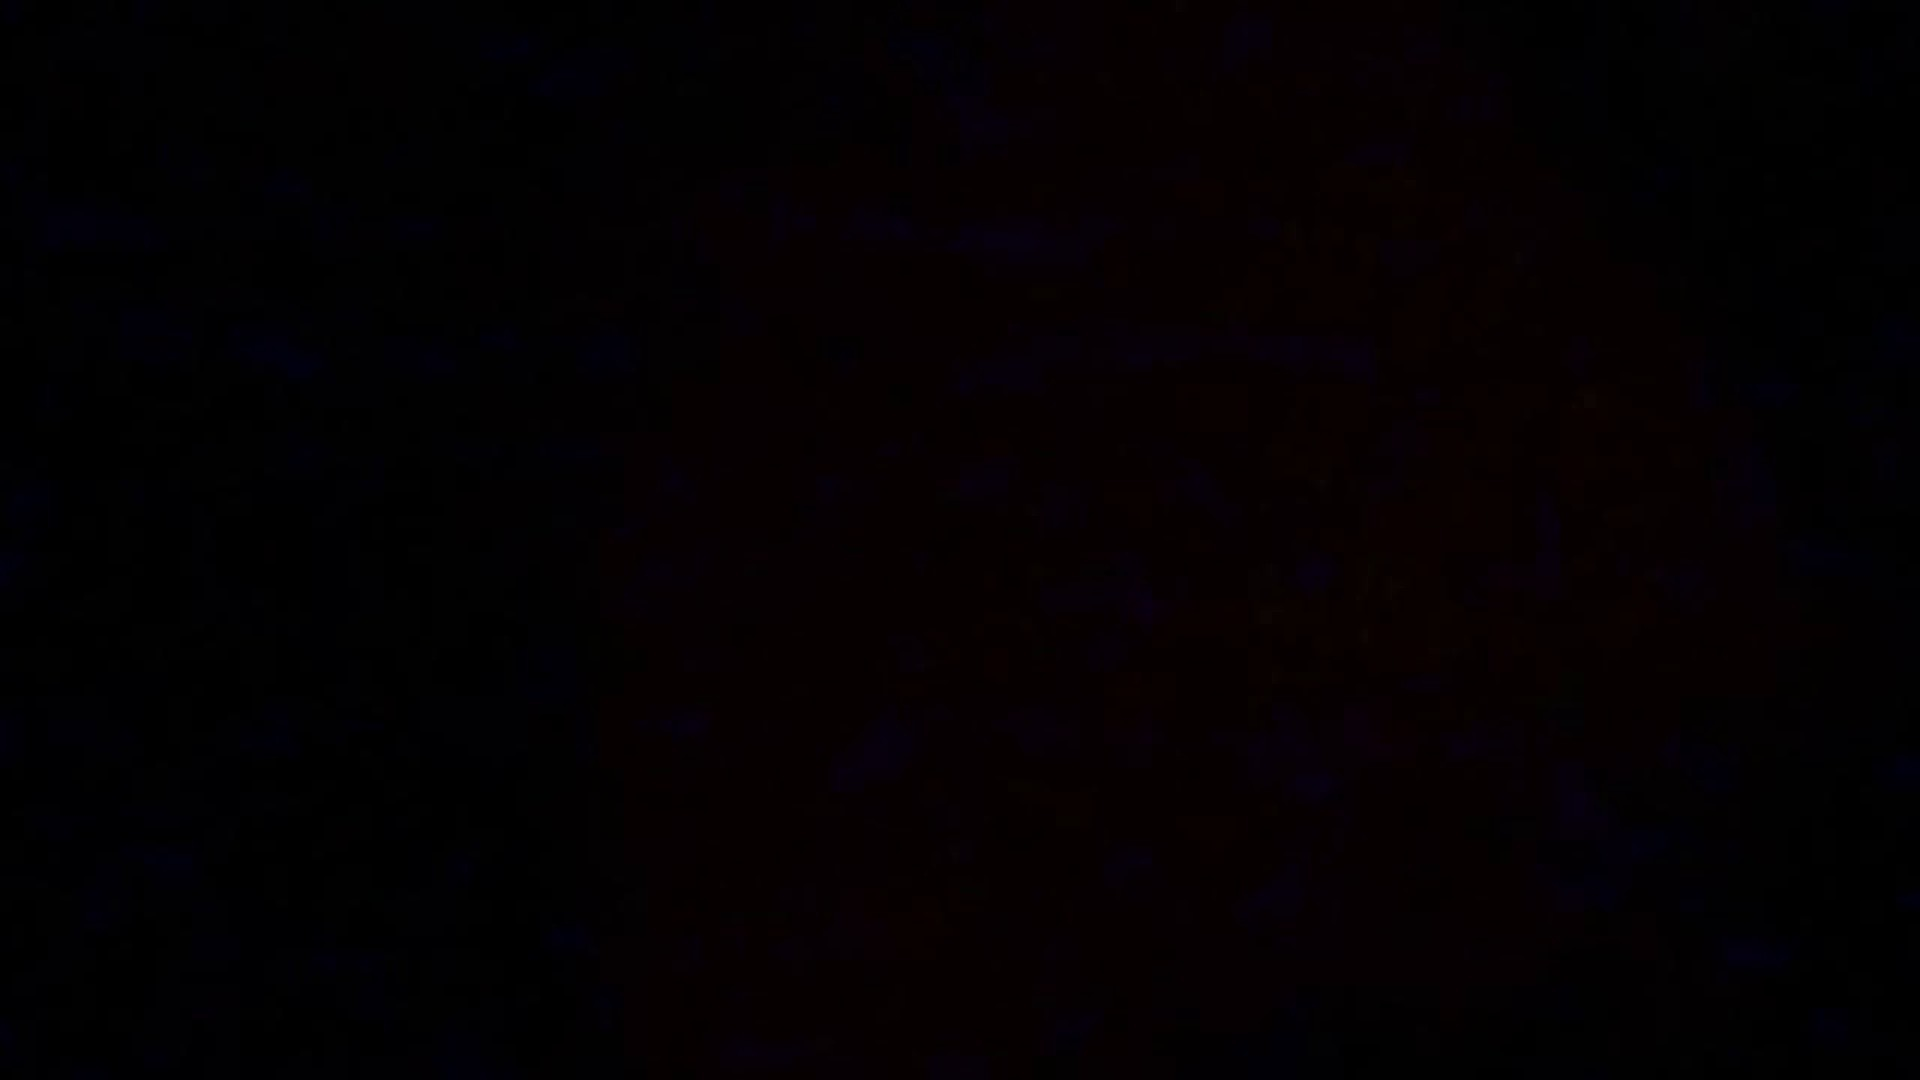 魔術師の お・も・て・な・し vol.25 19歳の巨乳ちゃんにログイン! 巨乳  82pic 57